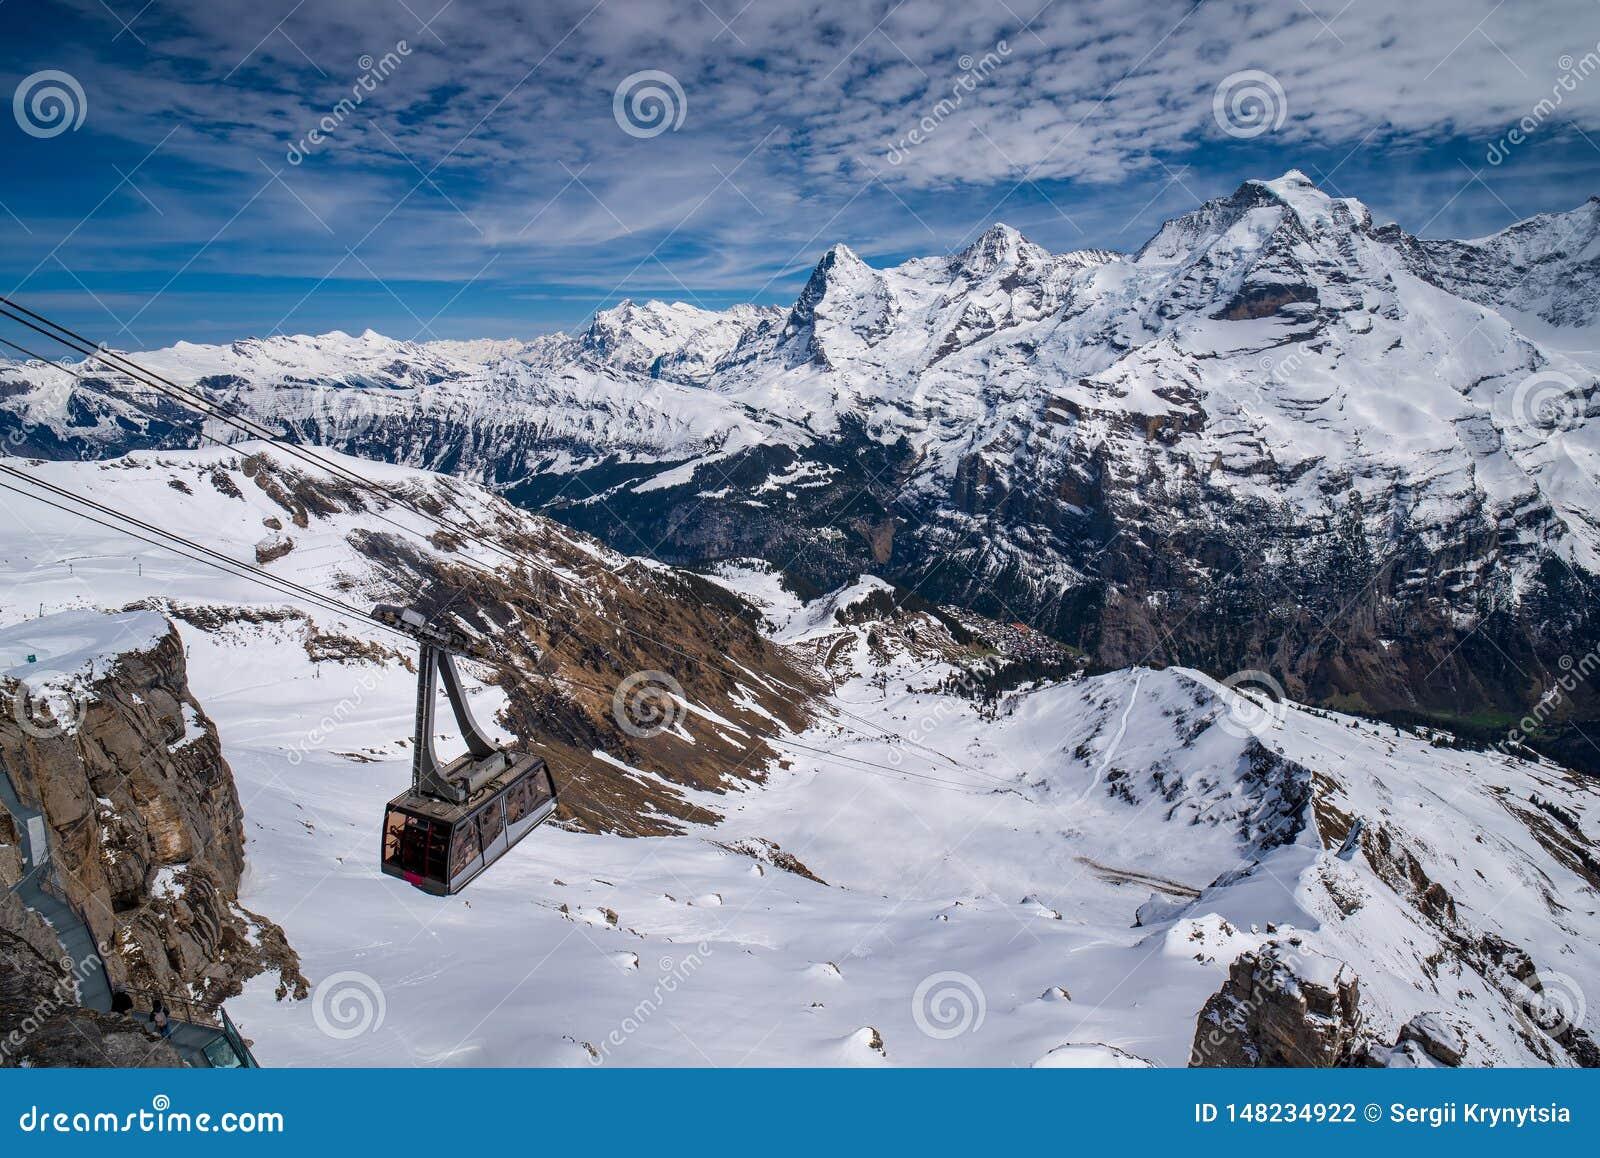 Telef?rico contra la vista panor?mica impresionante de los picos famosos Eiger, Monch y Jungfrau en las monta?as suizas, Suiza